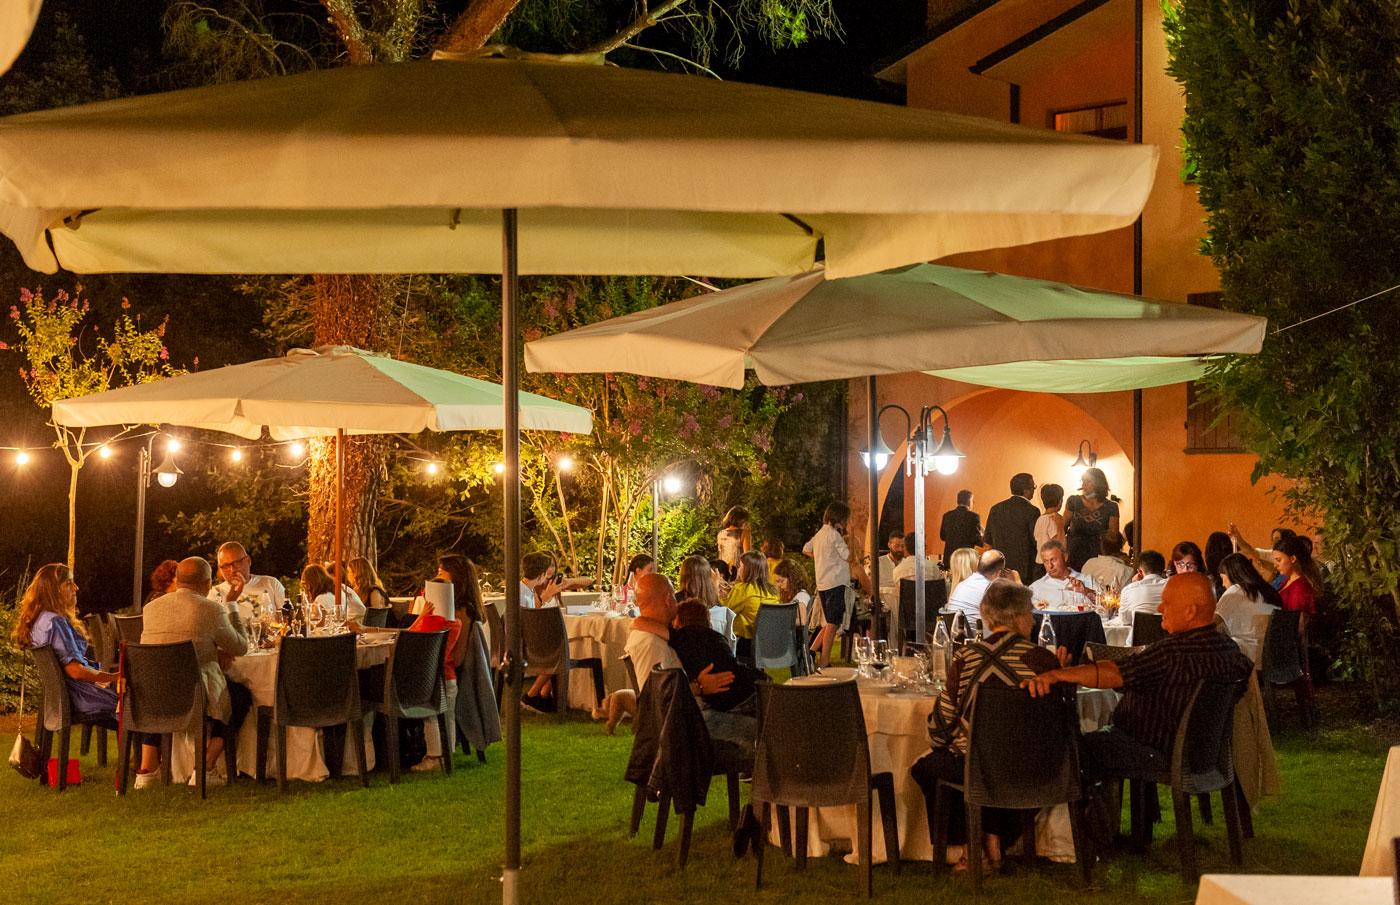 la-fattoria-spoleto-ristorante-pizzeria-albergo-giardino-esterno-ampio-e-fresco